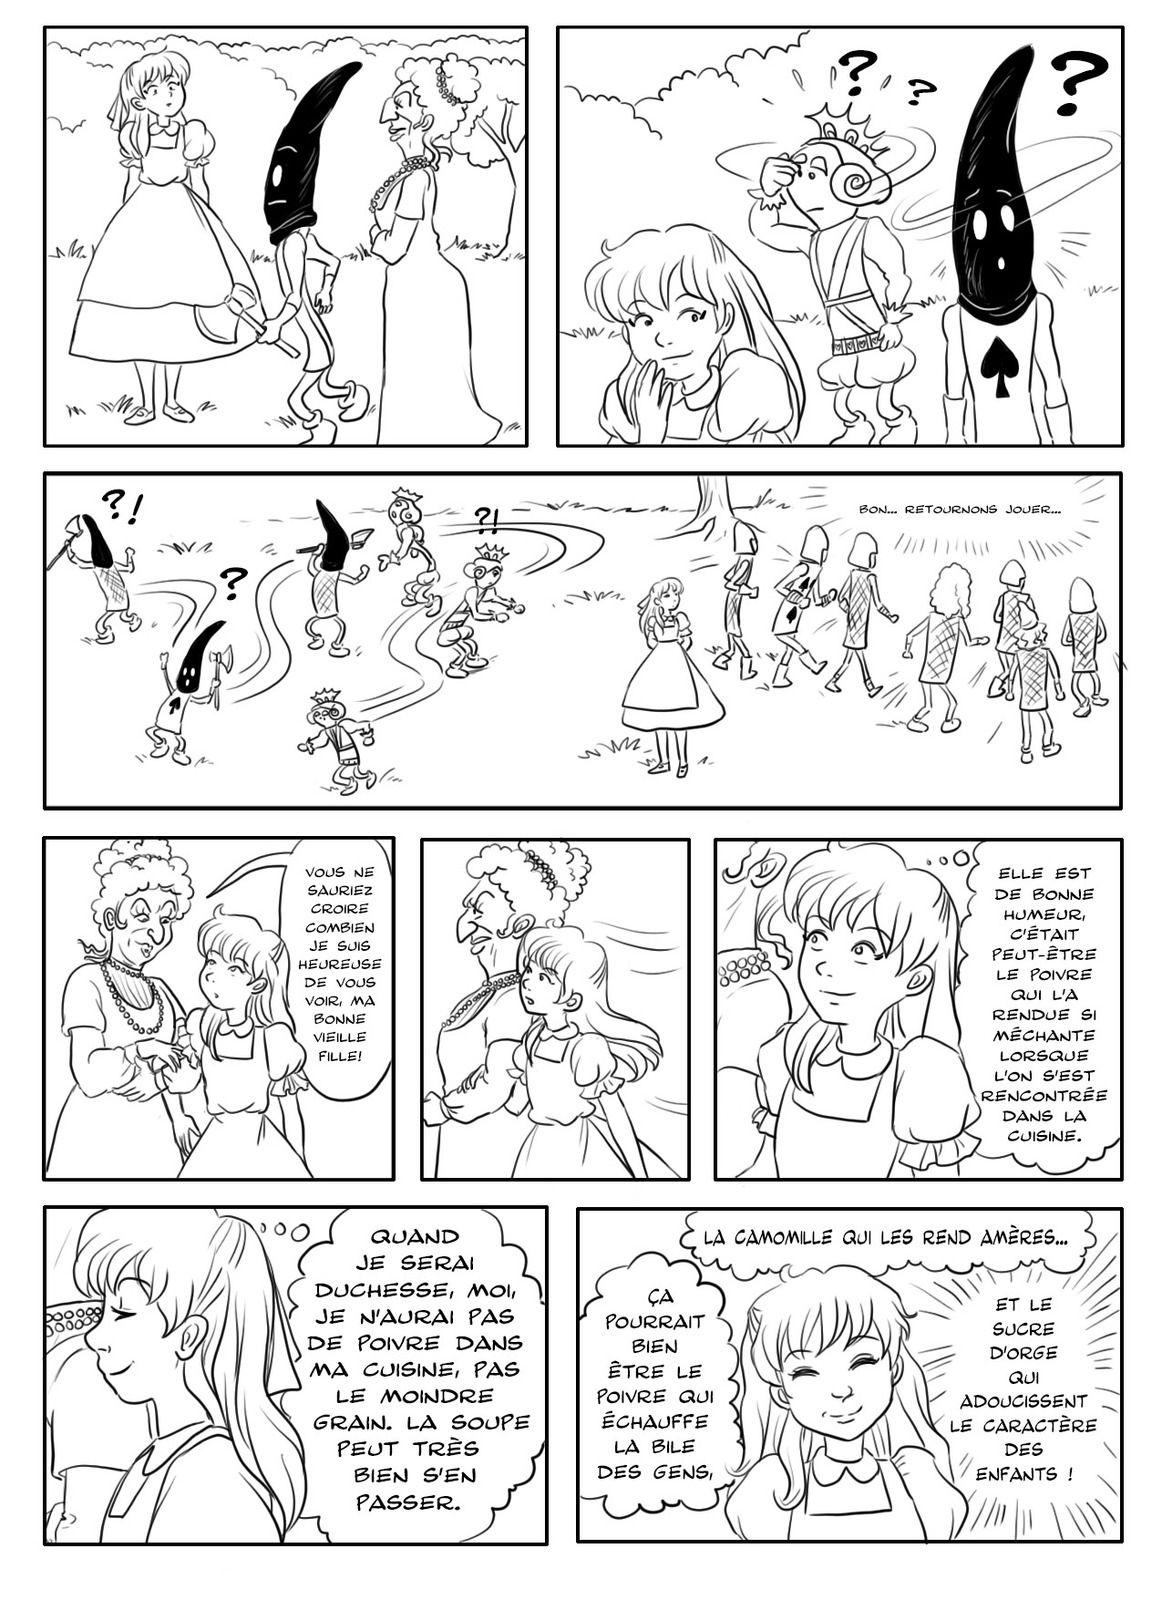 Alice au pays des merveilles - Tome 3 - page 20